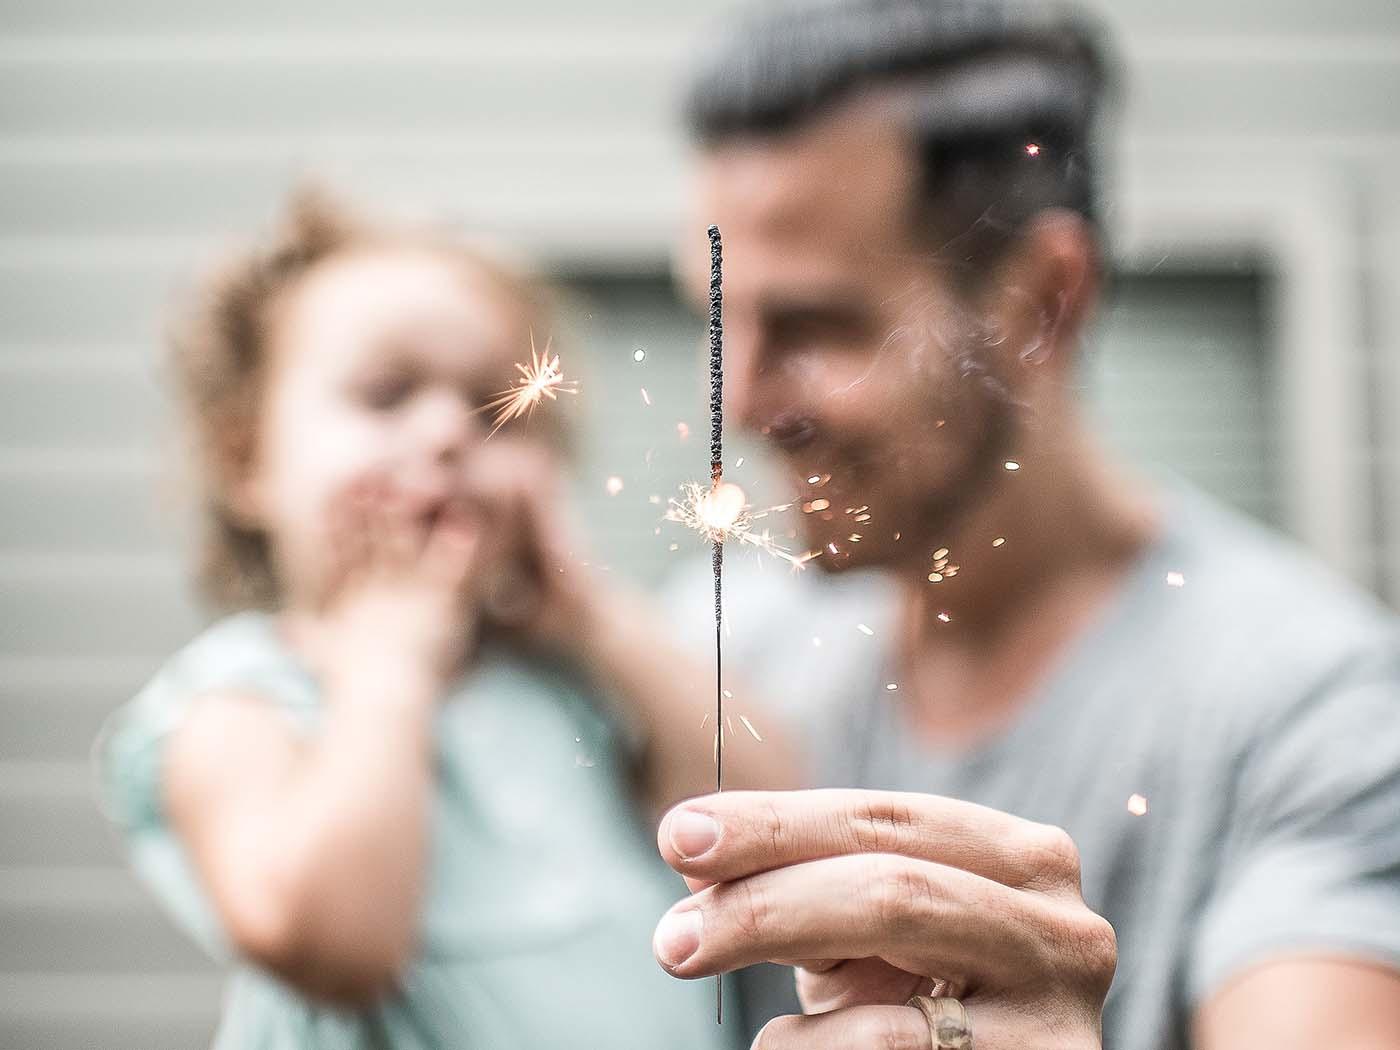 Πώς να οργανώσουμε τέλεια την ημέρα της Γιορτής του Πατέρα –Thisisus.gr